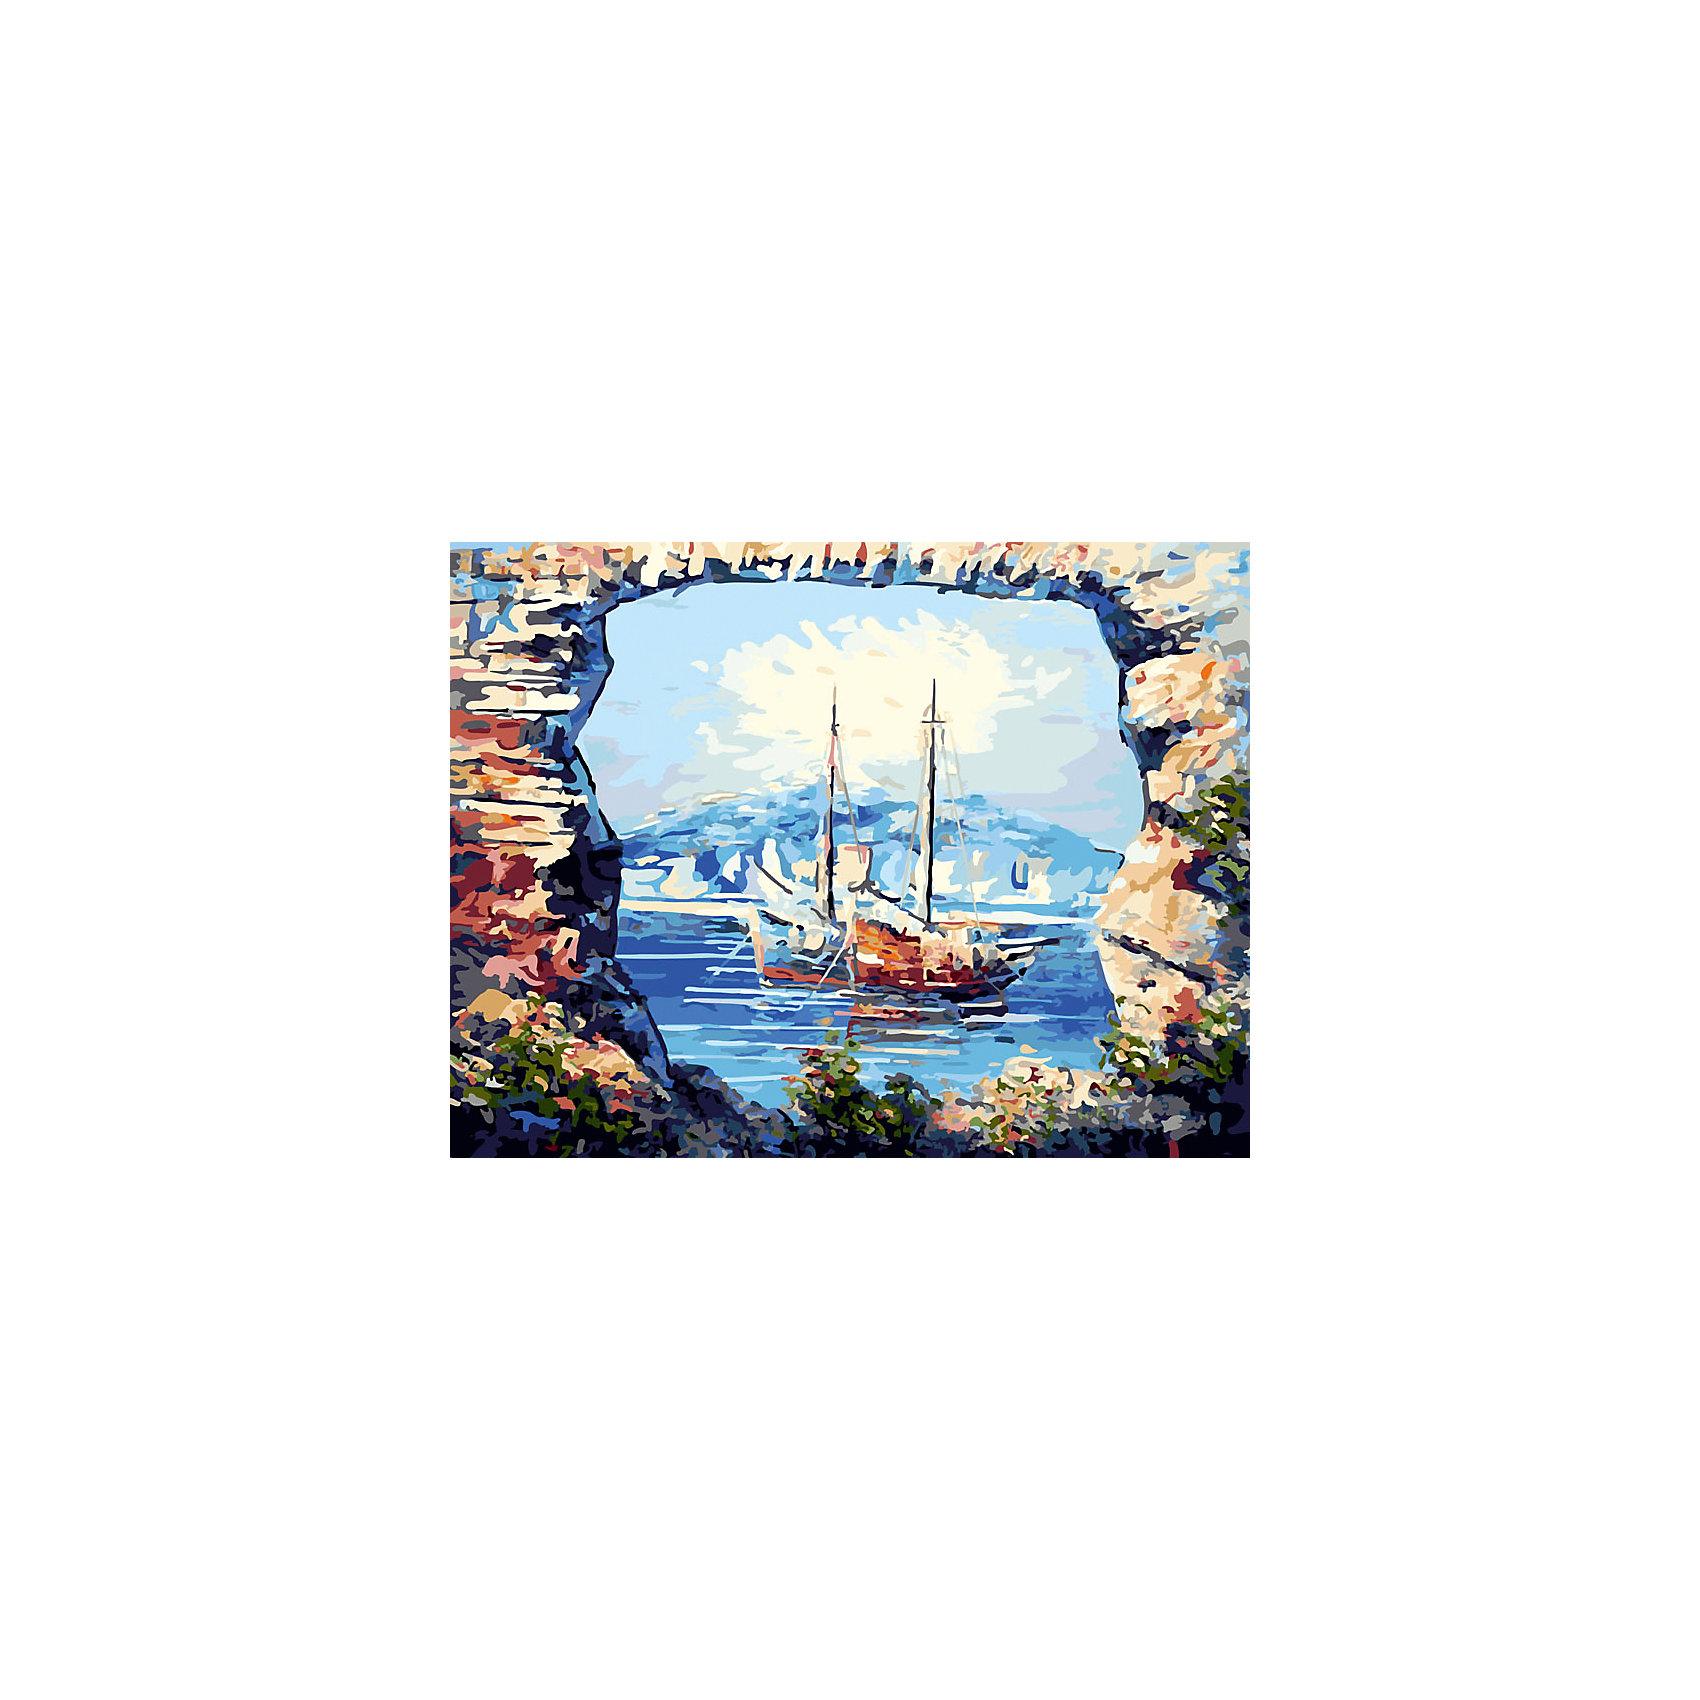 Живопись на холсте 40*50 см В тихой бухтеХарактеристики товара:<br><br>• цвет: разноцветный<br>• материал: акрил, картон<br>• размер: 50 x 40 см<br>• комплектация: полотно на подрамнике с контурами рисунка, пробный лист с рисунком, набор акриловых красок, три кисти, крепление на стену для картины<br>• для детей от шести лет и взрослых<br>• не требует специальных навыков<br>• страна бренда: Китай<br>• страна изготовитель: Китай<br><br>Такой набор станет отличным подарком и для взрослого, и для ребенка! Рисование помогает развить различные навыки и просто приносит удовольствие! Чтобы вселить в ребенка уверенность в своих силах, можно предложить ему этот набор - в нем уже есть сюжет, контуры рисунка и участки с номерами, которые обозначают определенную краску из набора. Все оттенки уже готовы, задача художника - аккуратно, с помощью кисточек из набора, нанести краски на определенный участок полотна.<br>Взрослым также понравится этот процесс, рисовать можно и вместе с малышом! В итоге получается красивая картина, которой можно украсить интерьер. Рисование способствует развитию мелкой моторики, воображения, цветовосприятия, творческих способностей и усидчивости. Набор отлично проработан, сделан из качественных и проверенных материалов, которые безопасны для детей. Краски - акриловые, они быстро сохнут и легко смываются с кожи.<br><br>Живопись на холсте 40*50 см В тихой бухте от торговой марки Белоснежка можно купить в нашем интернет-магазине.<br><br>Ширина мм: 510<br>Глубина мм: 410<br>Высота мм: 25<br>Вес г: 850<br>Возраст от месяцев: 72<br>Возраст до месяцев: 144<br>Пол: Унисекс<br>Возраст: Детский<br>SKU: 5089733